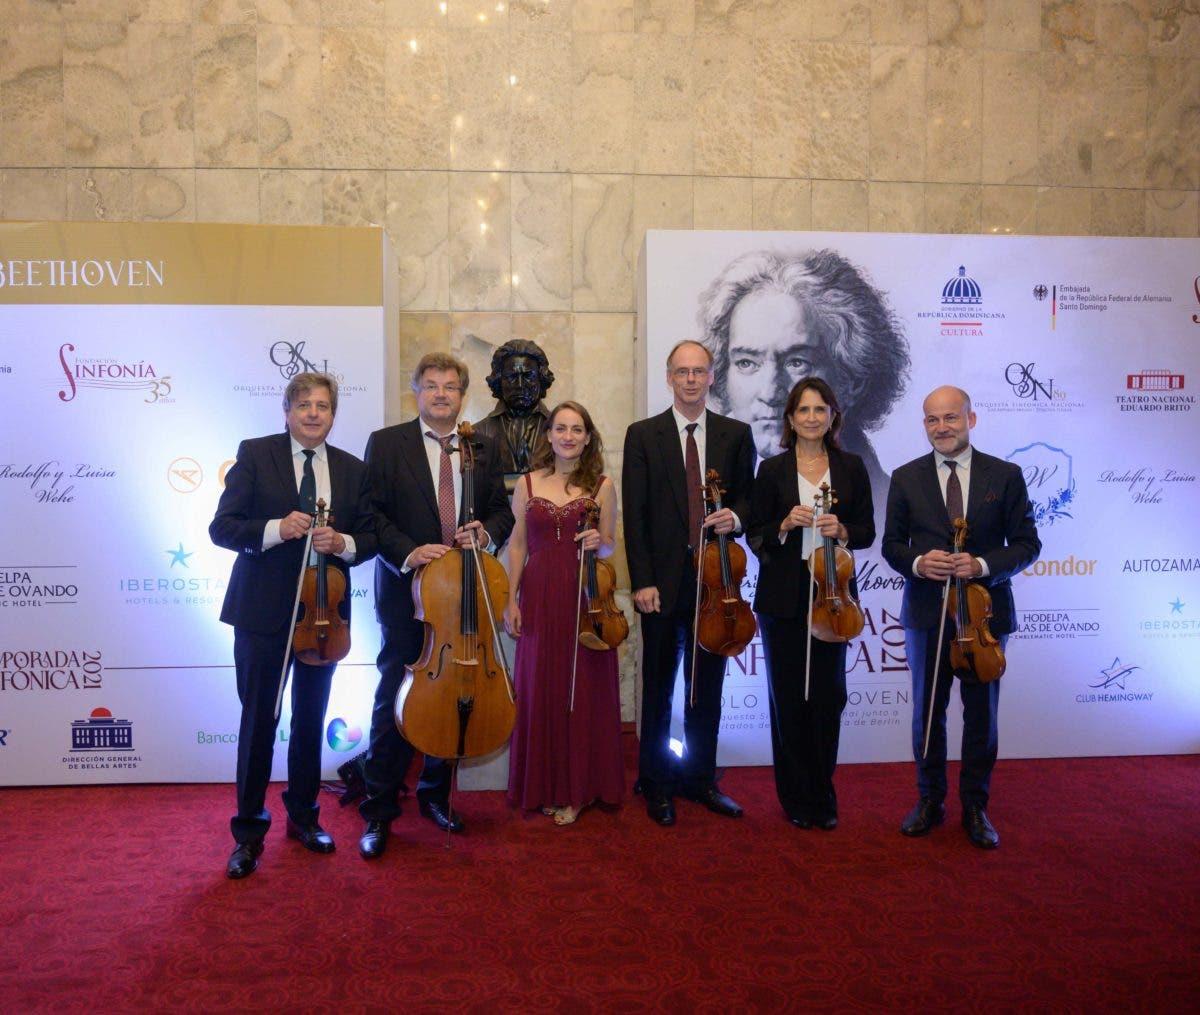 Músicos Filarmónica de Berlín se presentan por primera vez en el Teatro Nacional